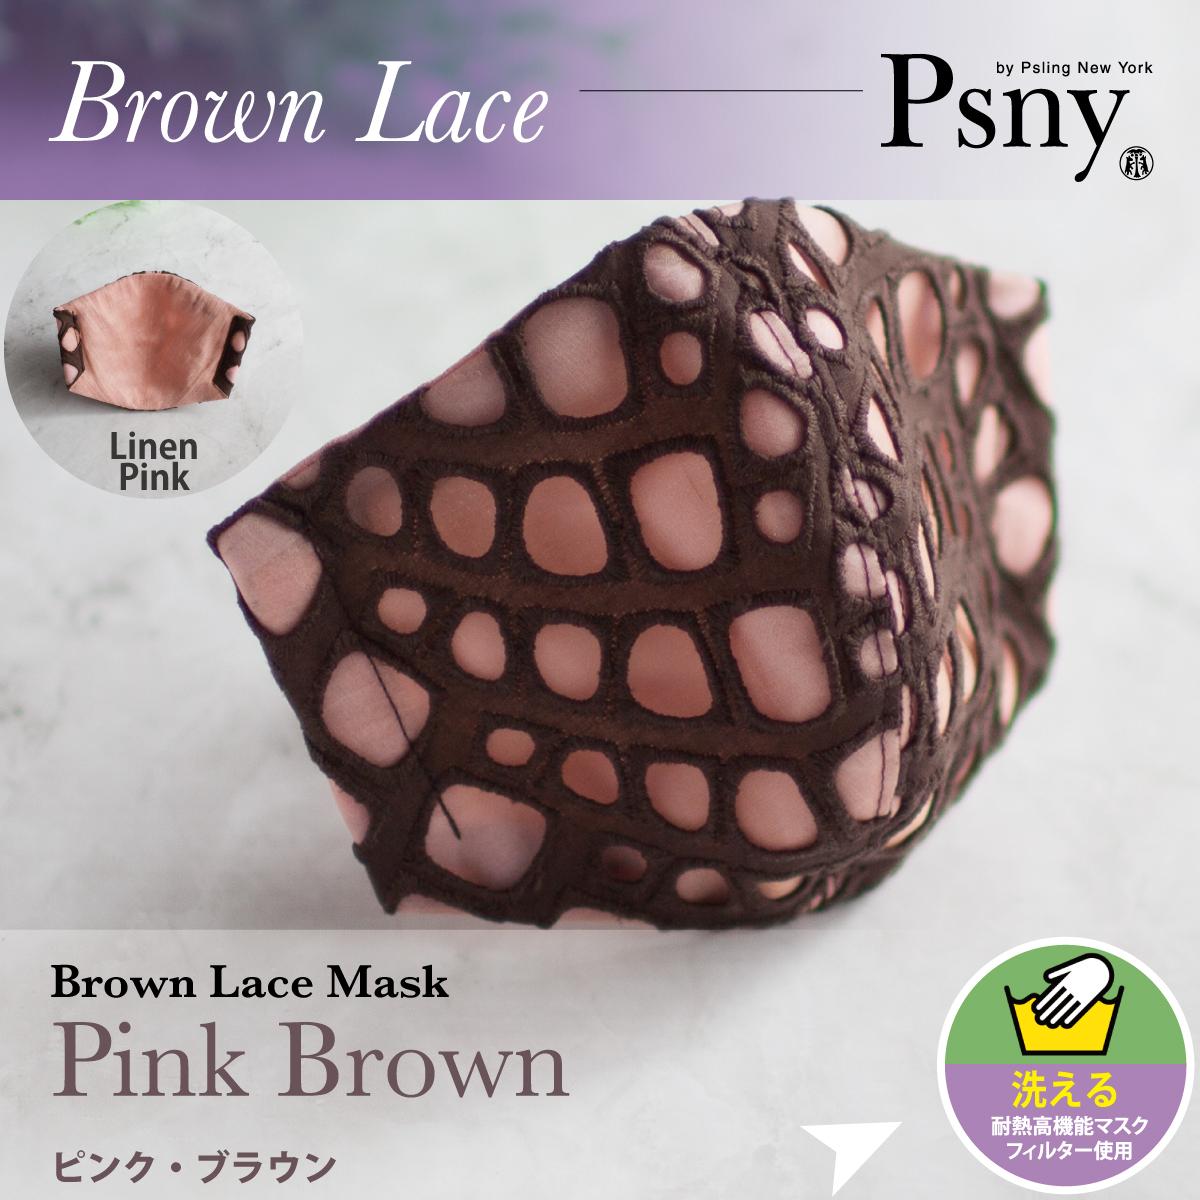 PSNY レース・ピンク・ブラウン 花粉 黄砂 洗えるフィルター入り 立体 マスク 大人用 送料無料